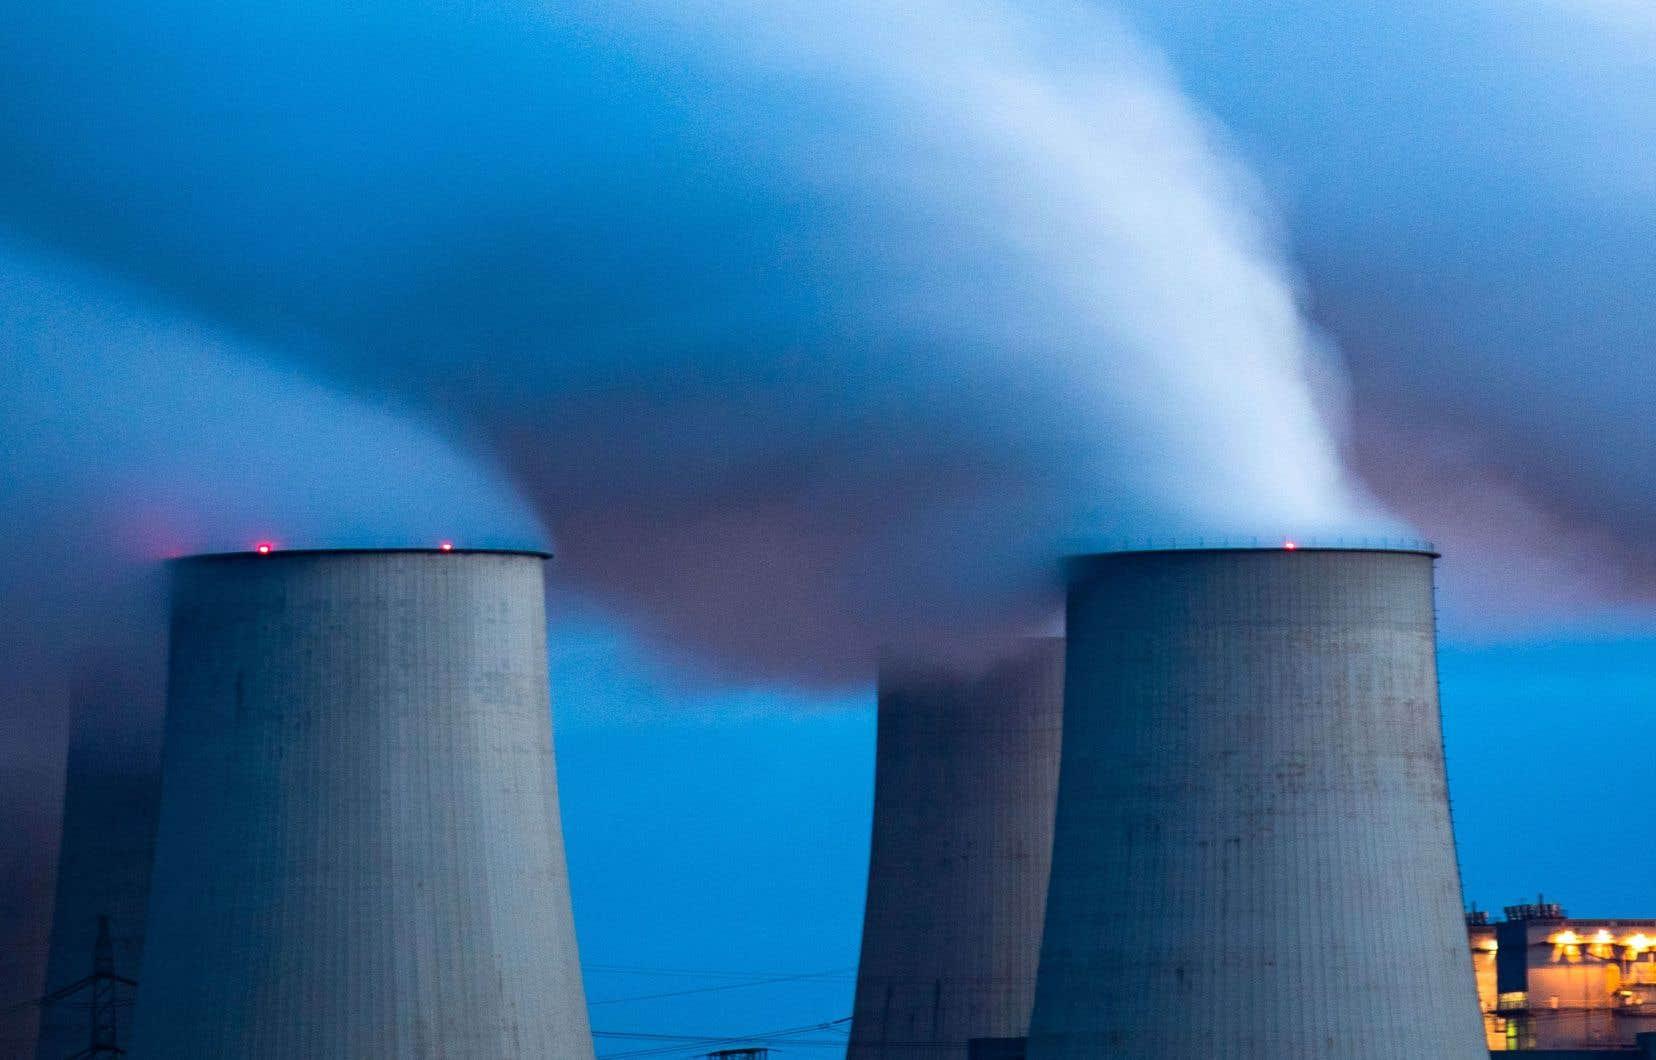 Selon Maarten Wetselaar, responsable des nouvelles énergies et du gaz au sein du géant des hydrocarbures Royal Dutch Shell, il s'agit de mener «une transition» afin de remplacer progressivement les énergies fossiles par des produits à faible teneur en carbone.